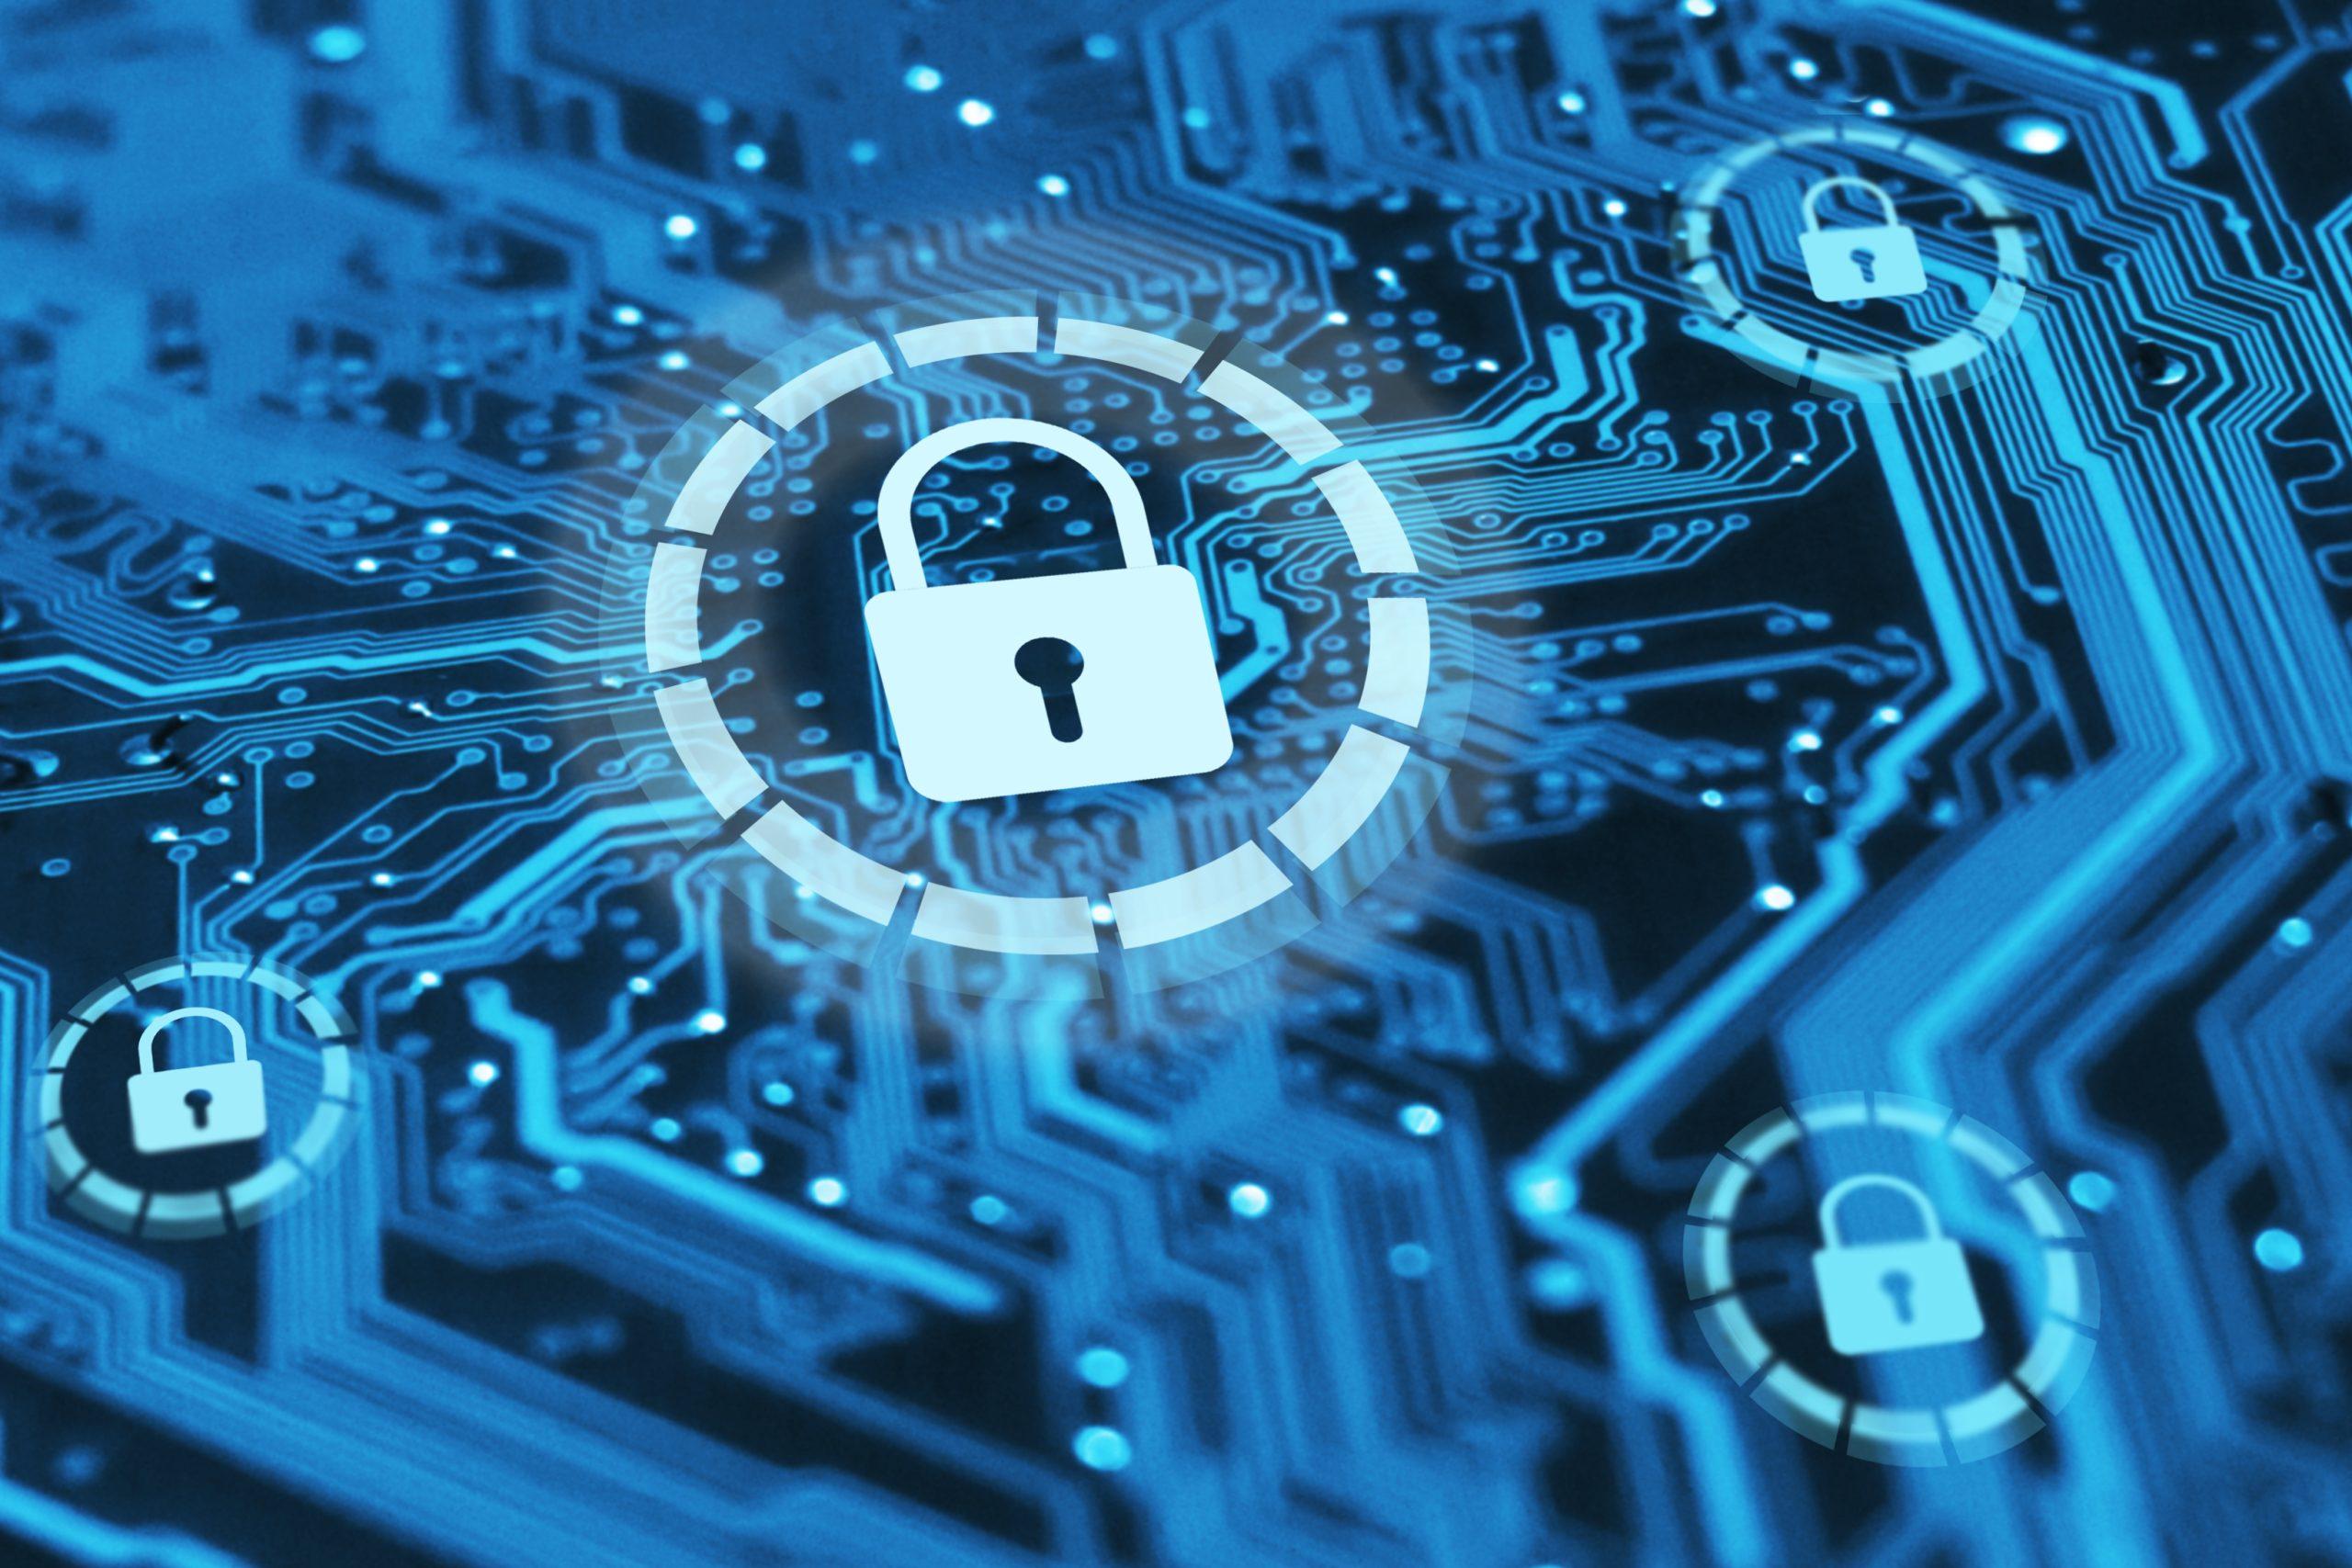 Les compagnies d'assurance doivent se protéger par la mise en place de dispositifs structurés de Cyber-sécurité